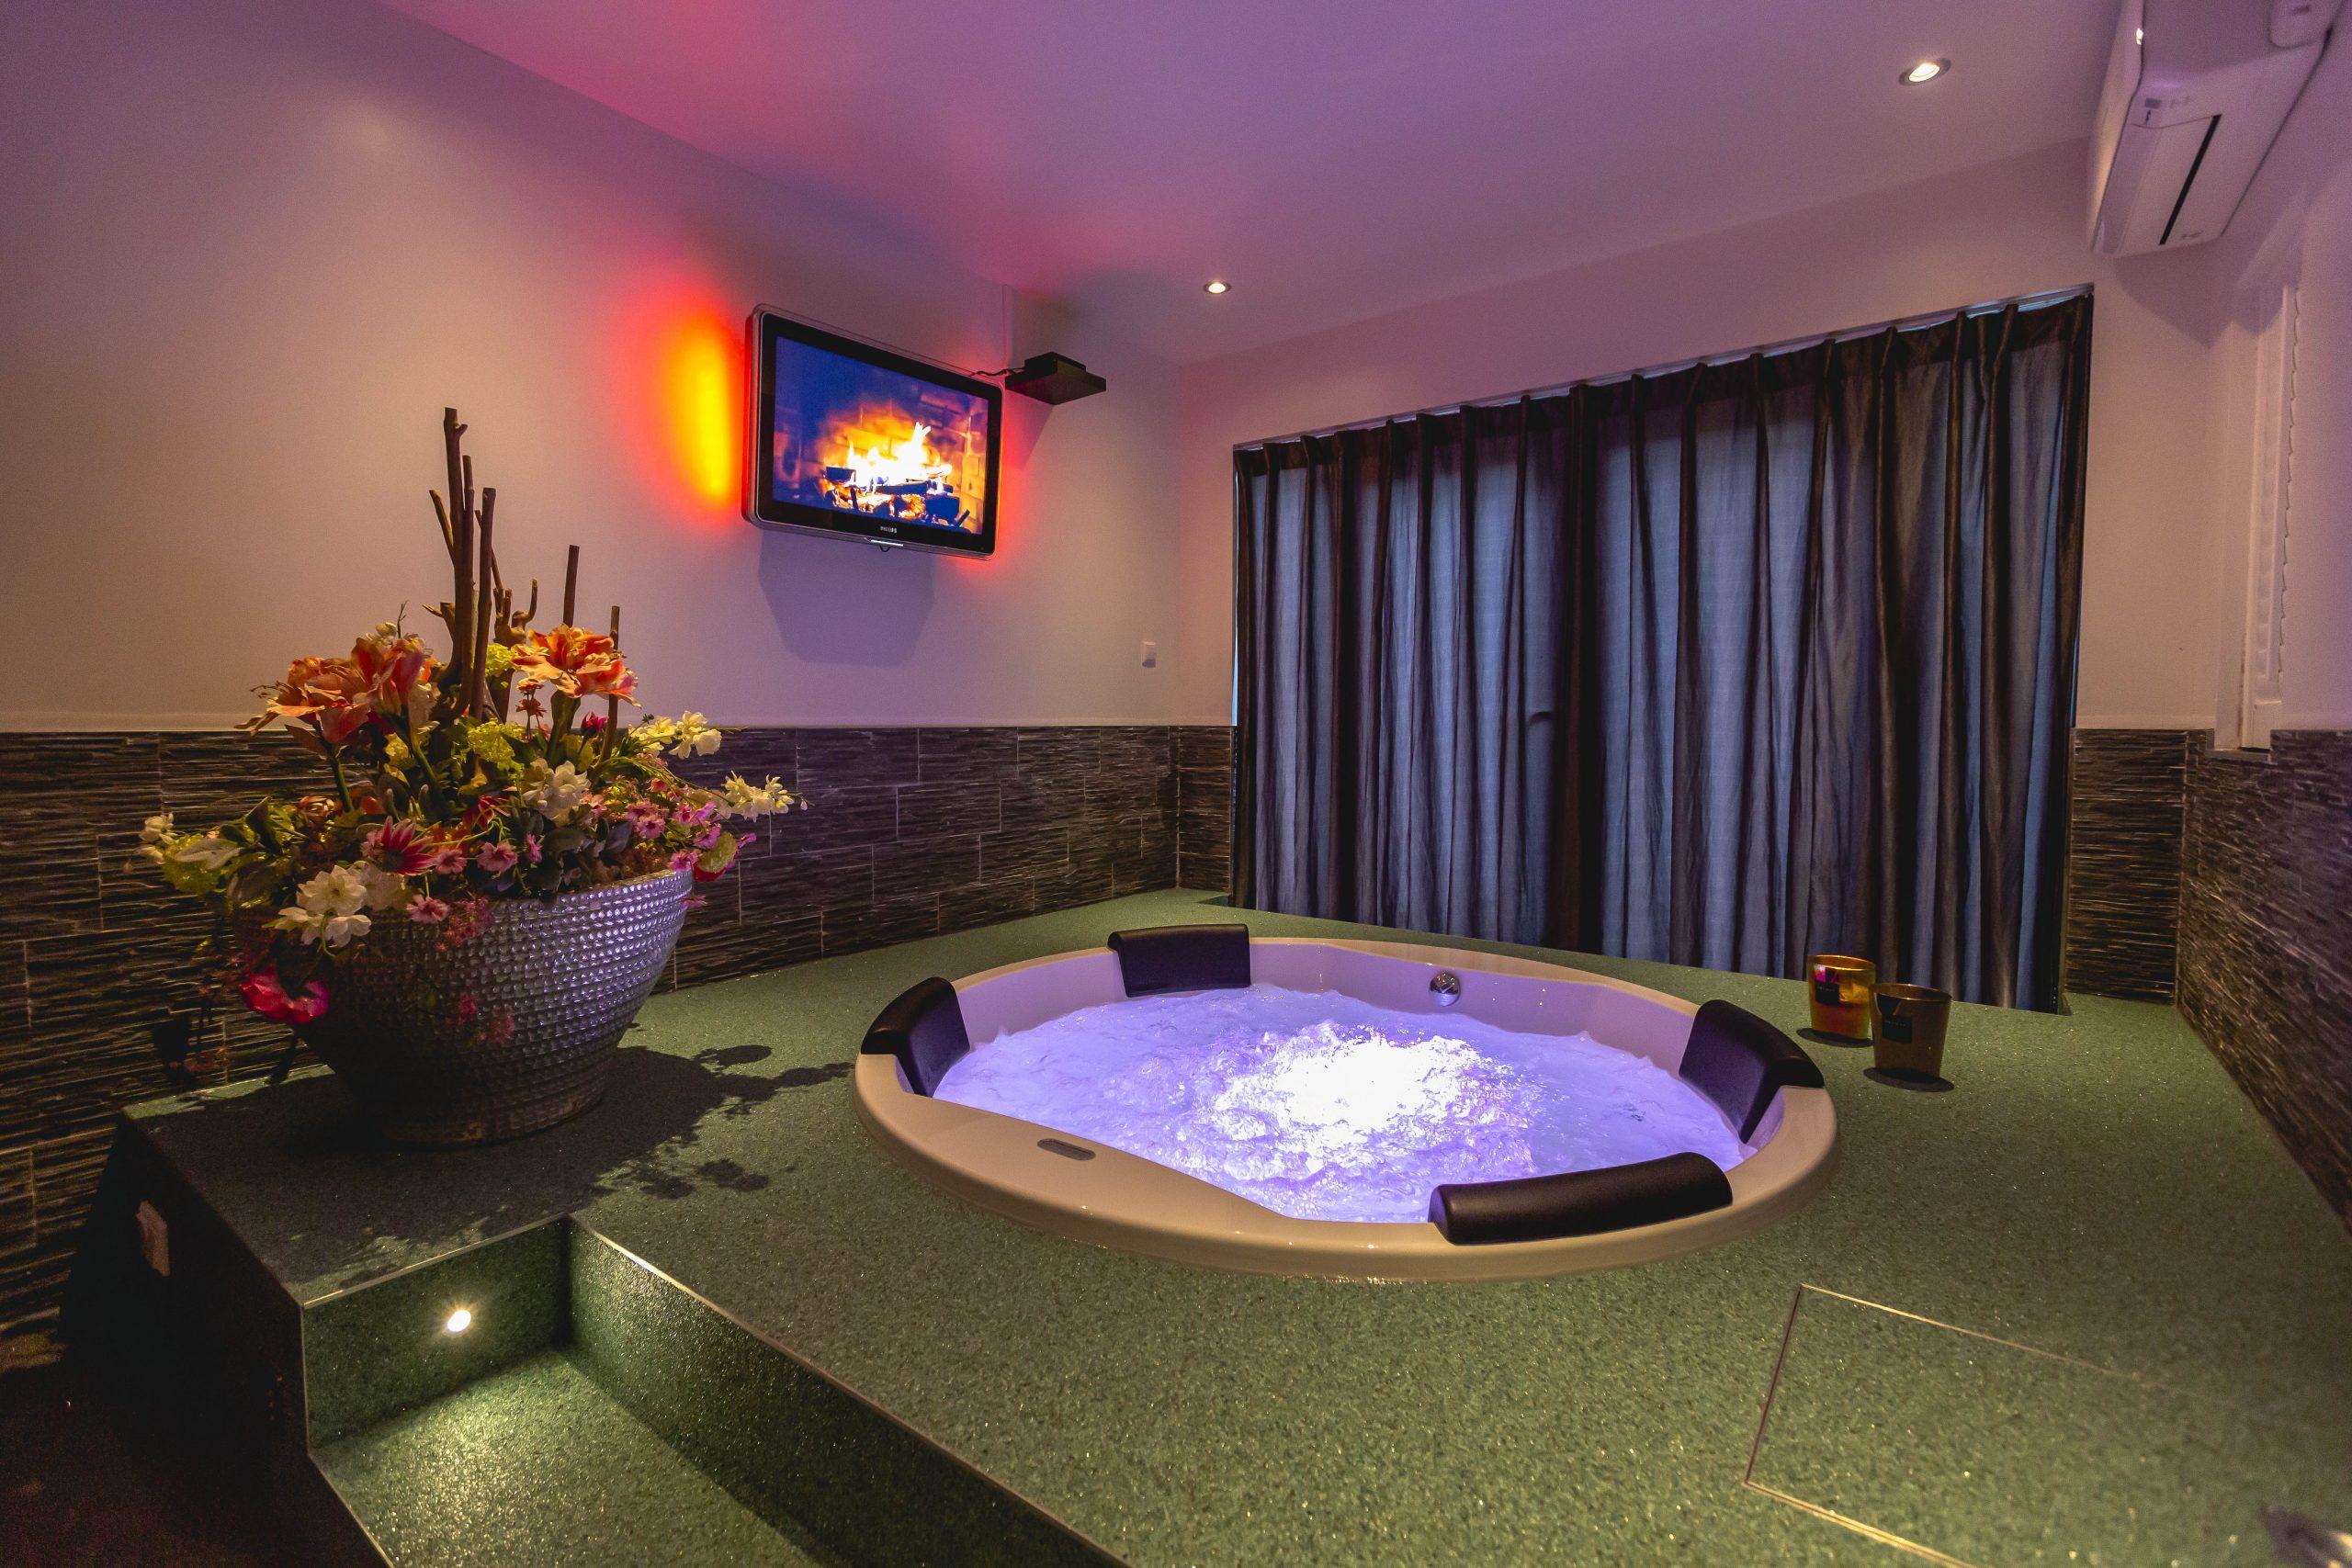 Het Gelukshuis Eindhoven met Jacuzzi en sauna. Ook hier kan je overnachten met de cadeaubon.